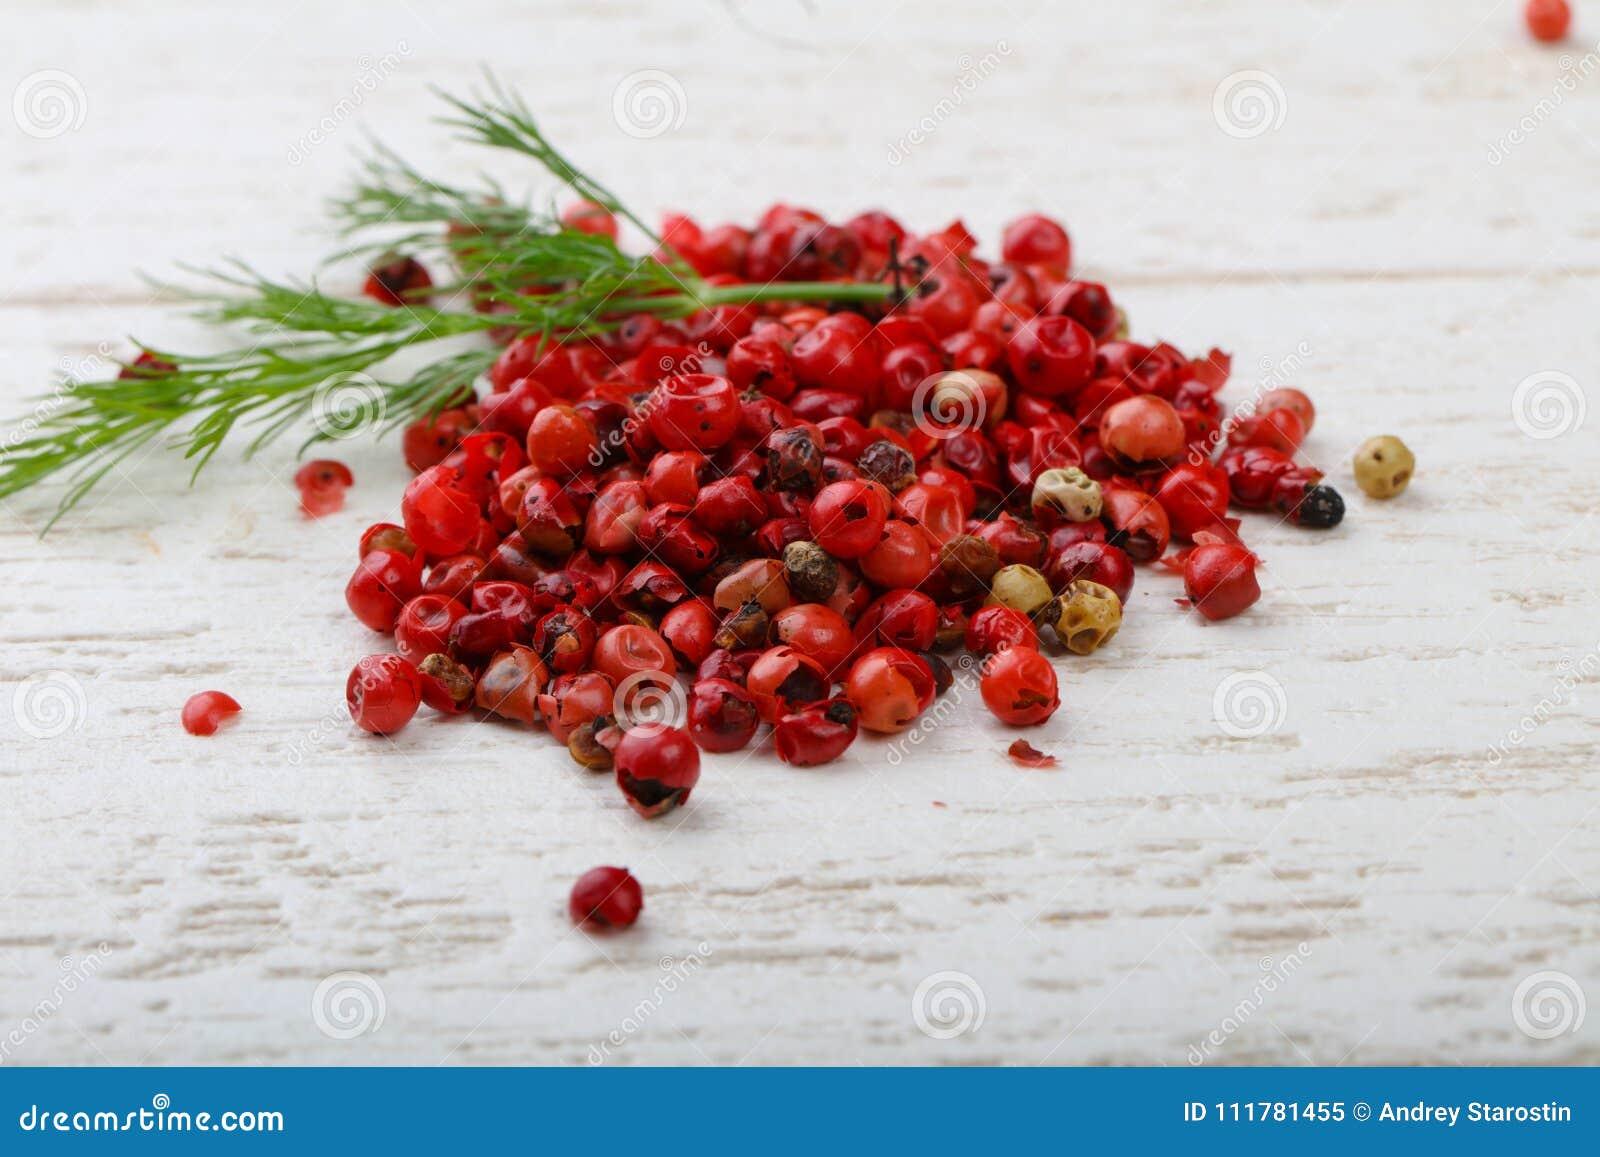 Red pepper corn